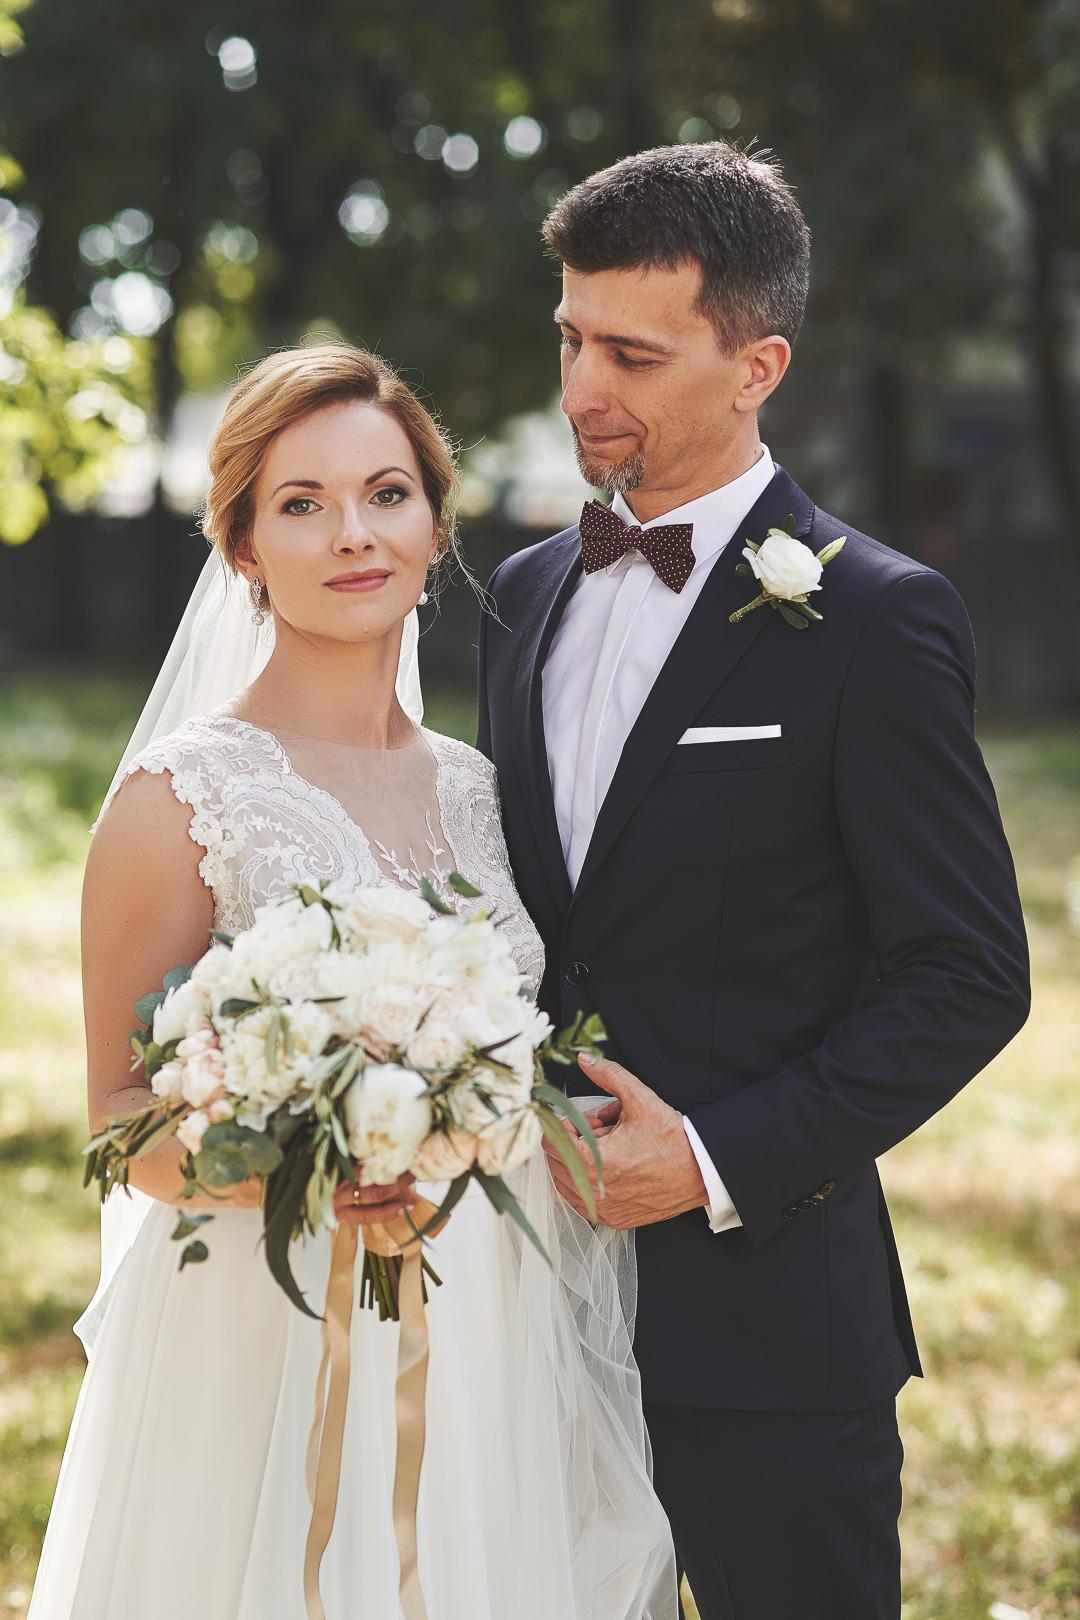 Kasia i Marek - fotoreportaż ślubny 38